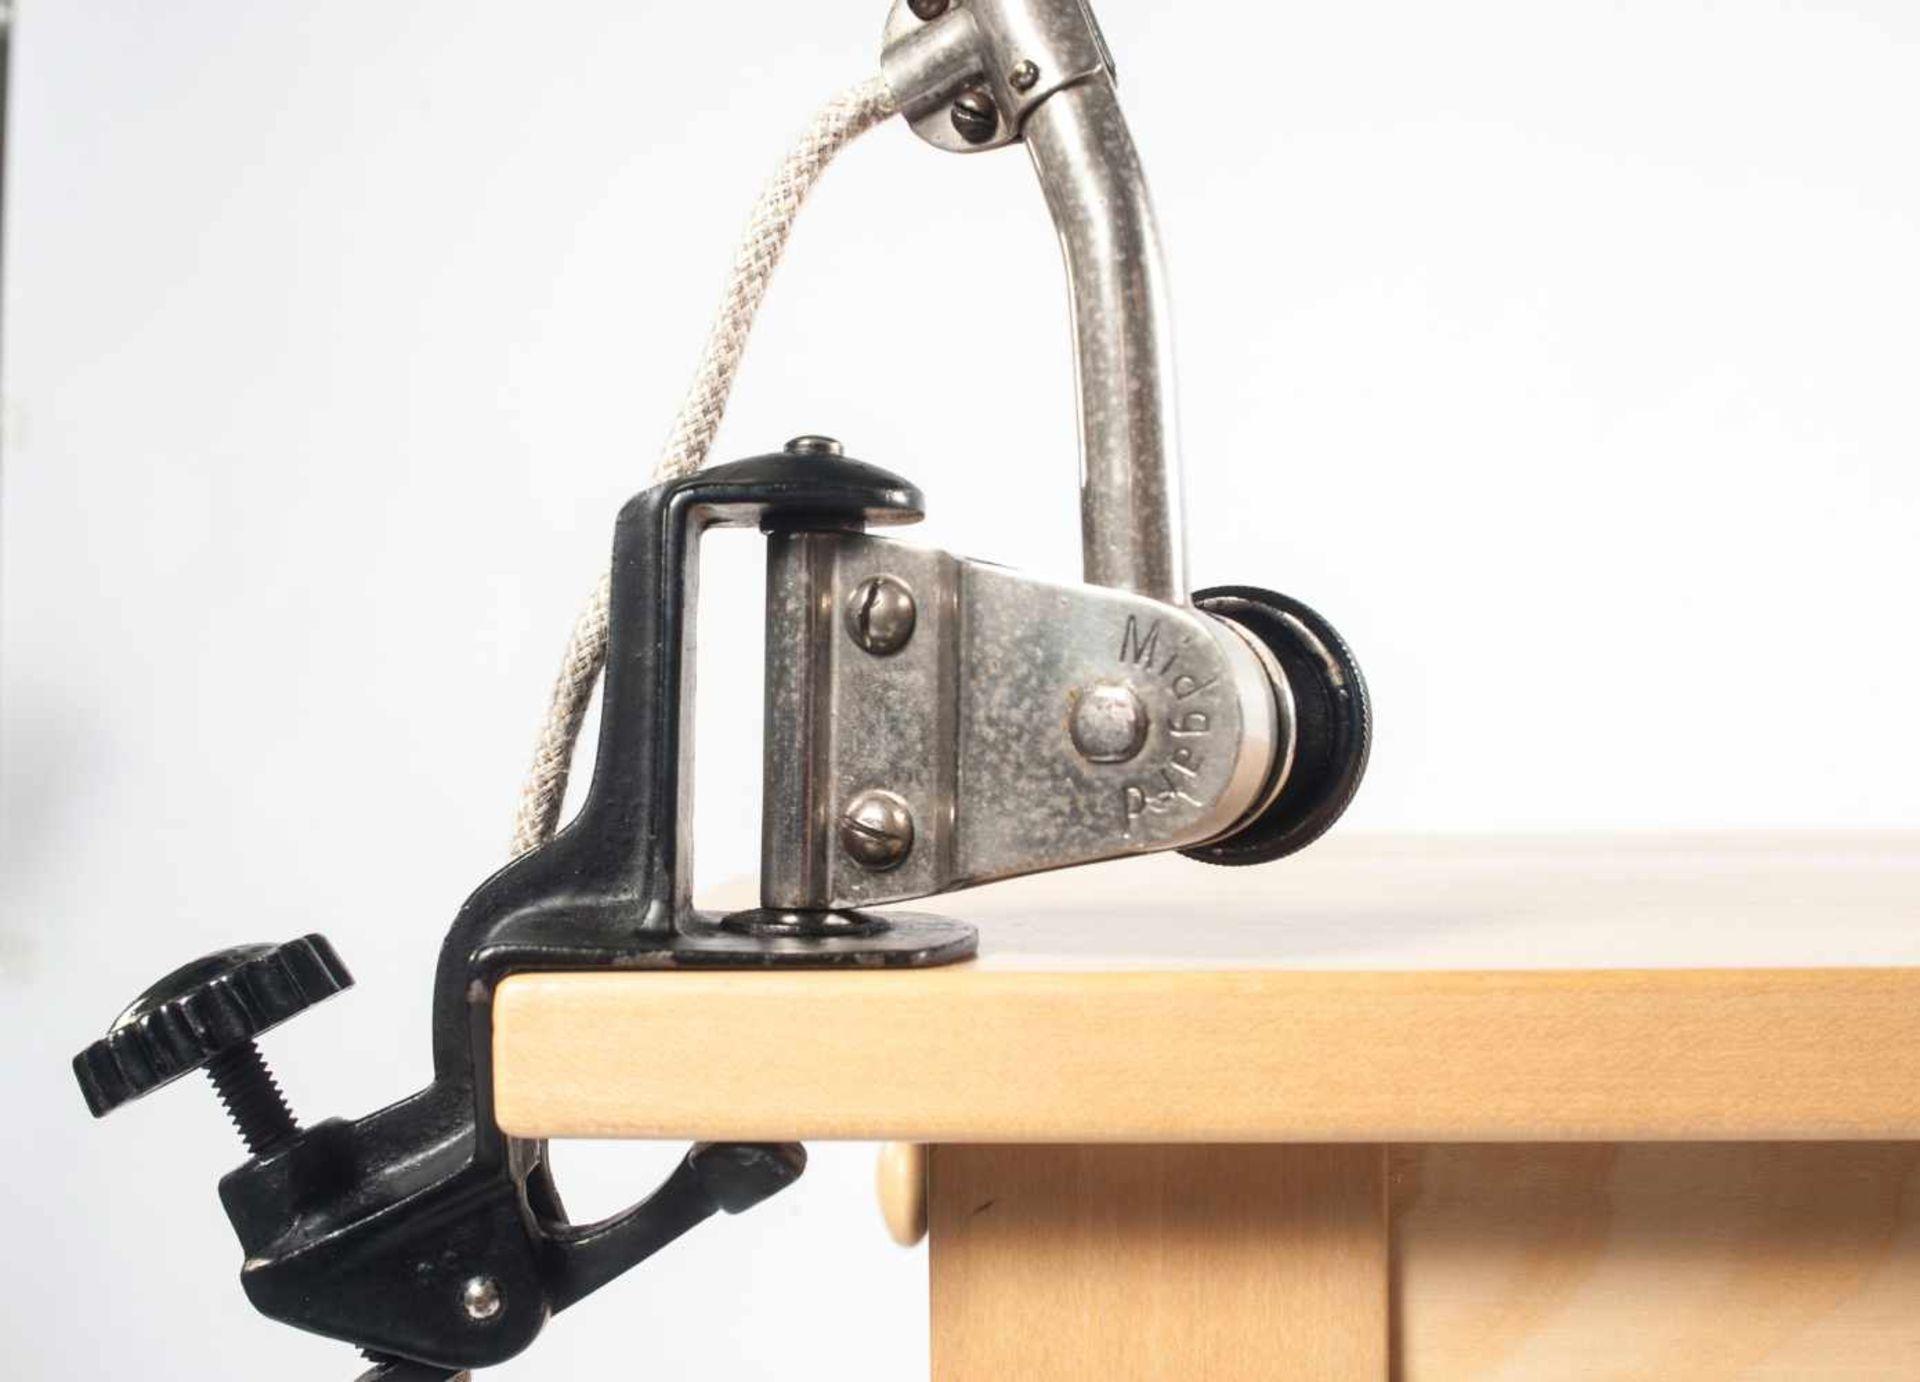 Curt Fischer Arbeitsleuchte 'Midgard 113', 1926 H. 86 cm, Dm. 17,5 cm. Industriewerke Auma; - Bild 3 aus 4